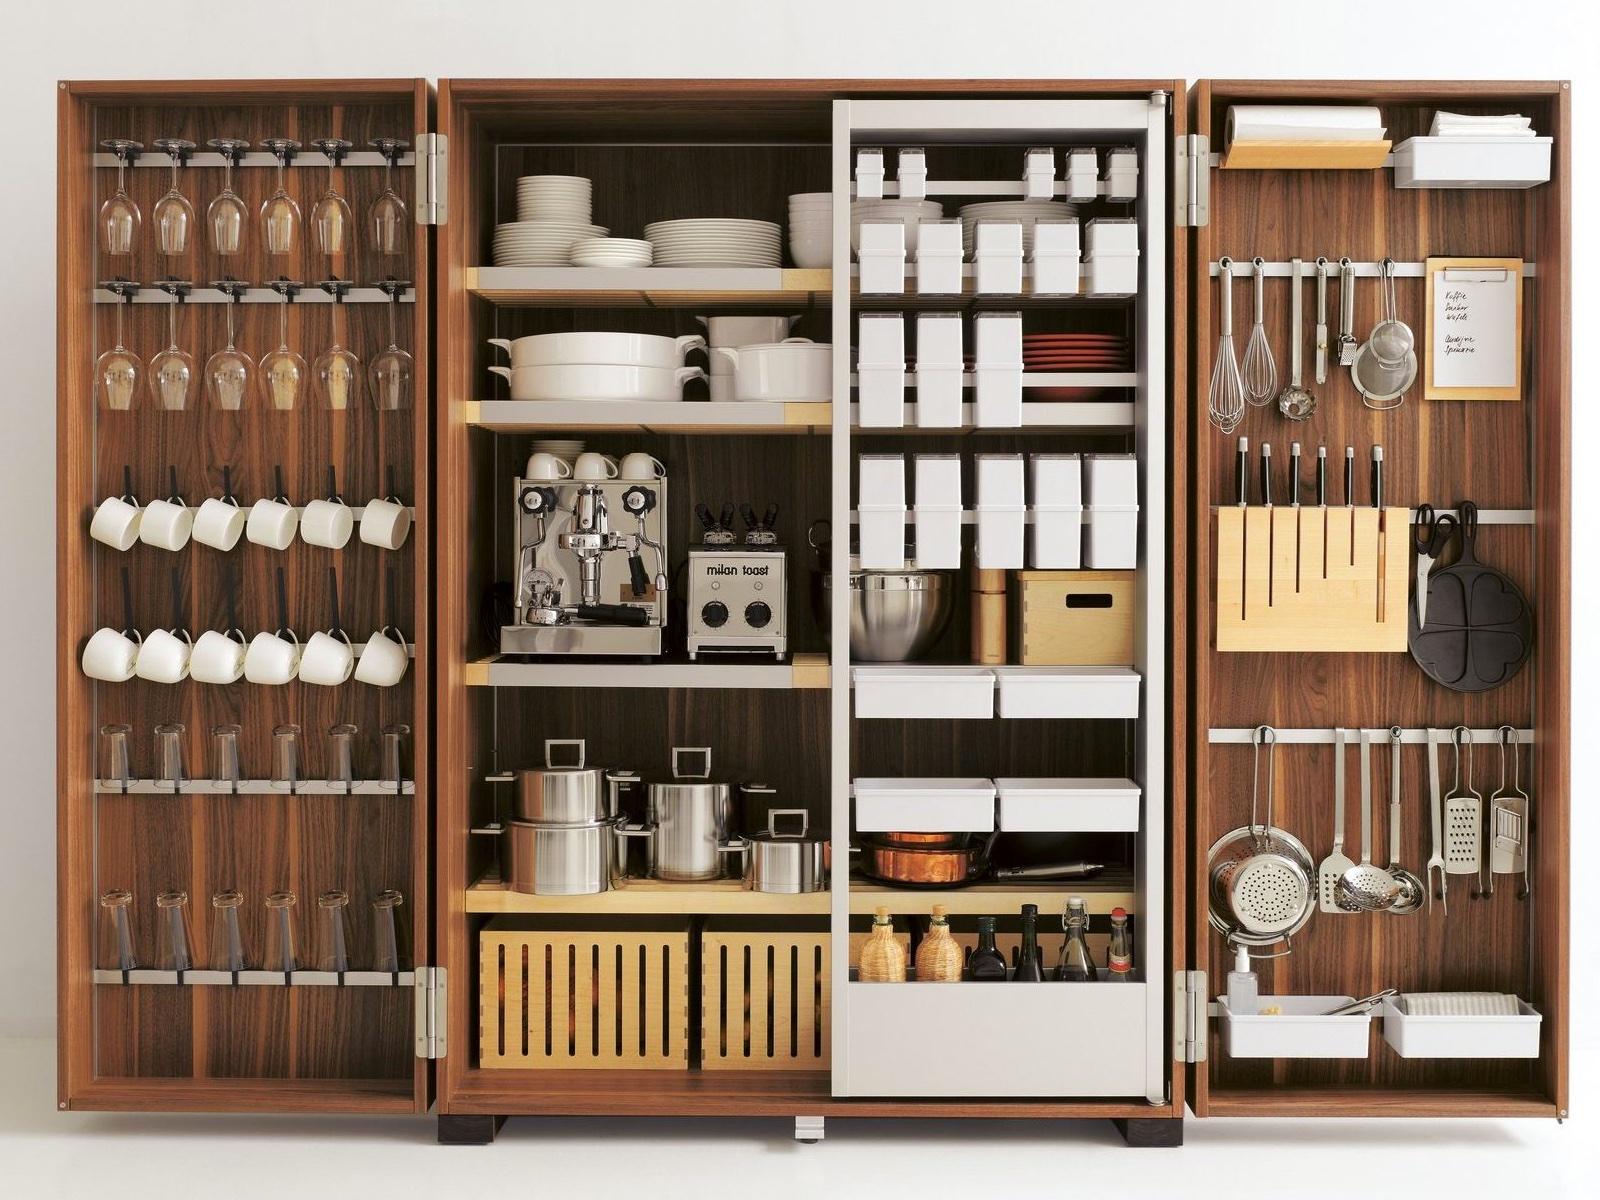 Bulthaup Keuken Werkbank : Pronkstuk voor pioniers